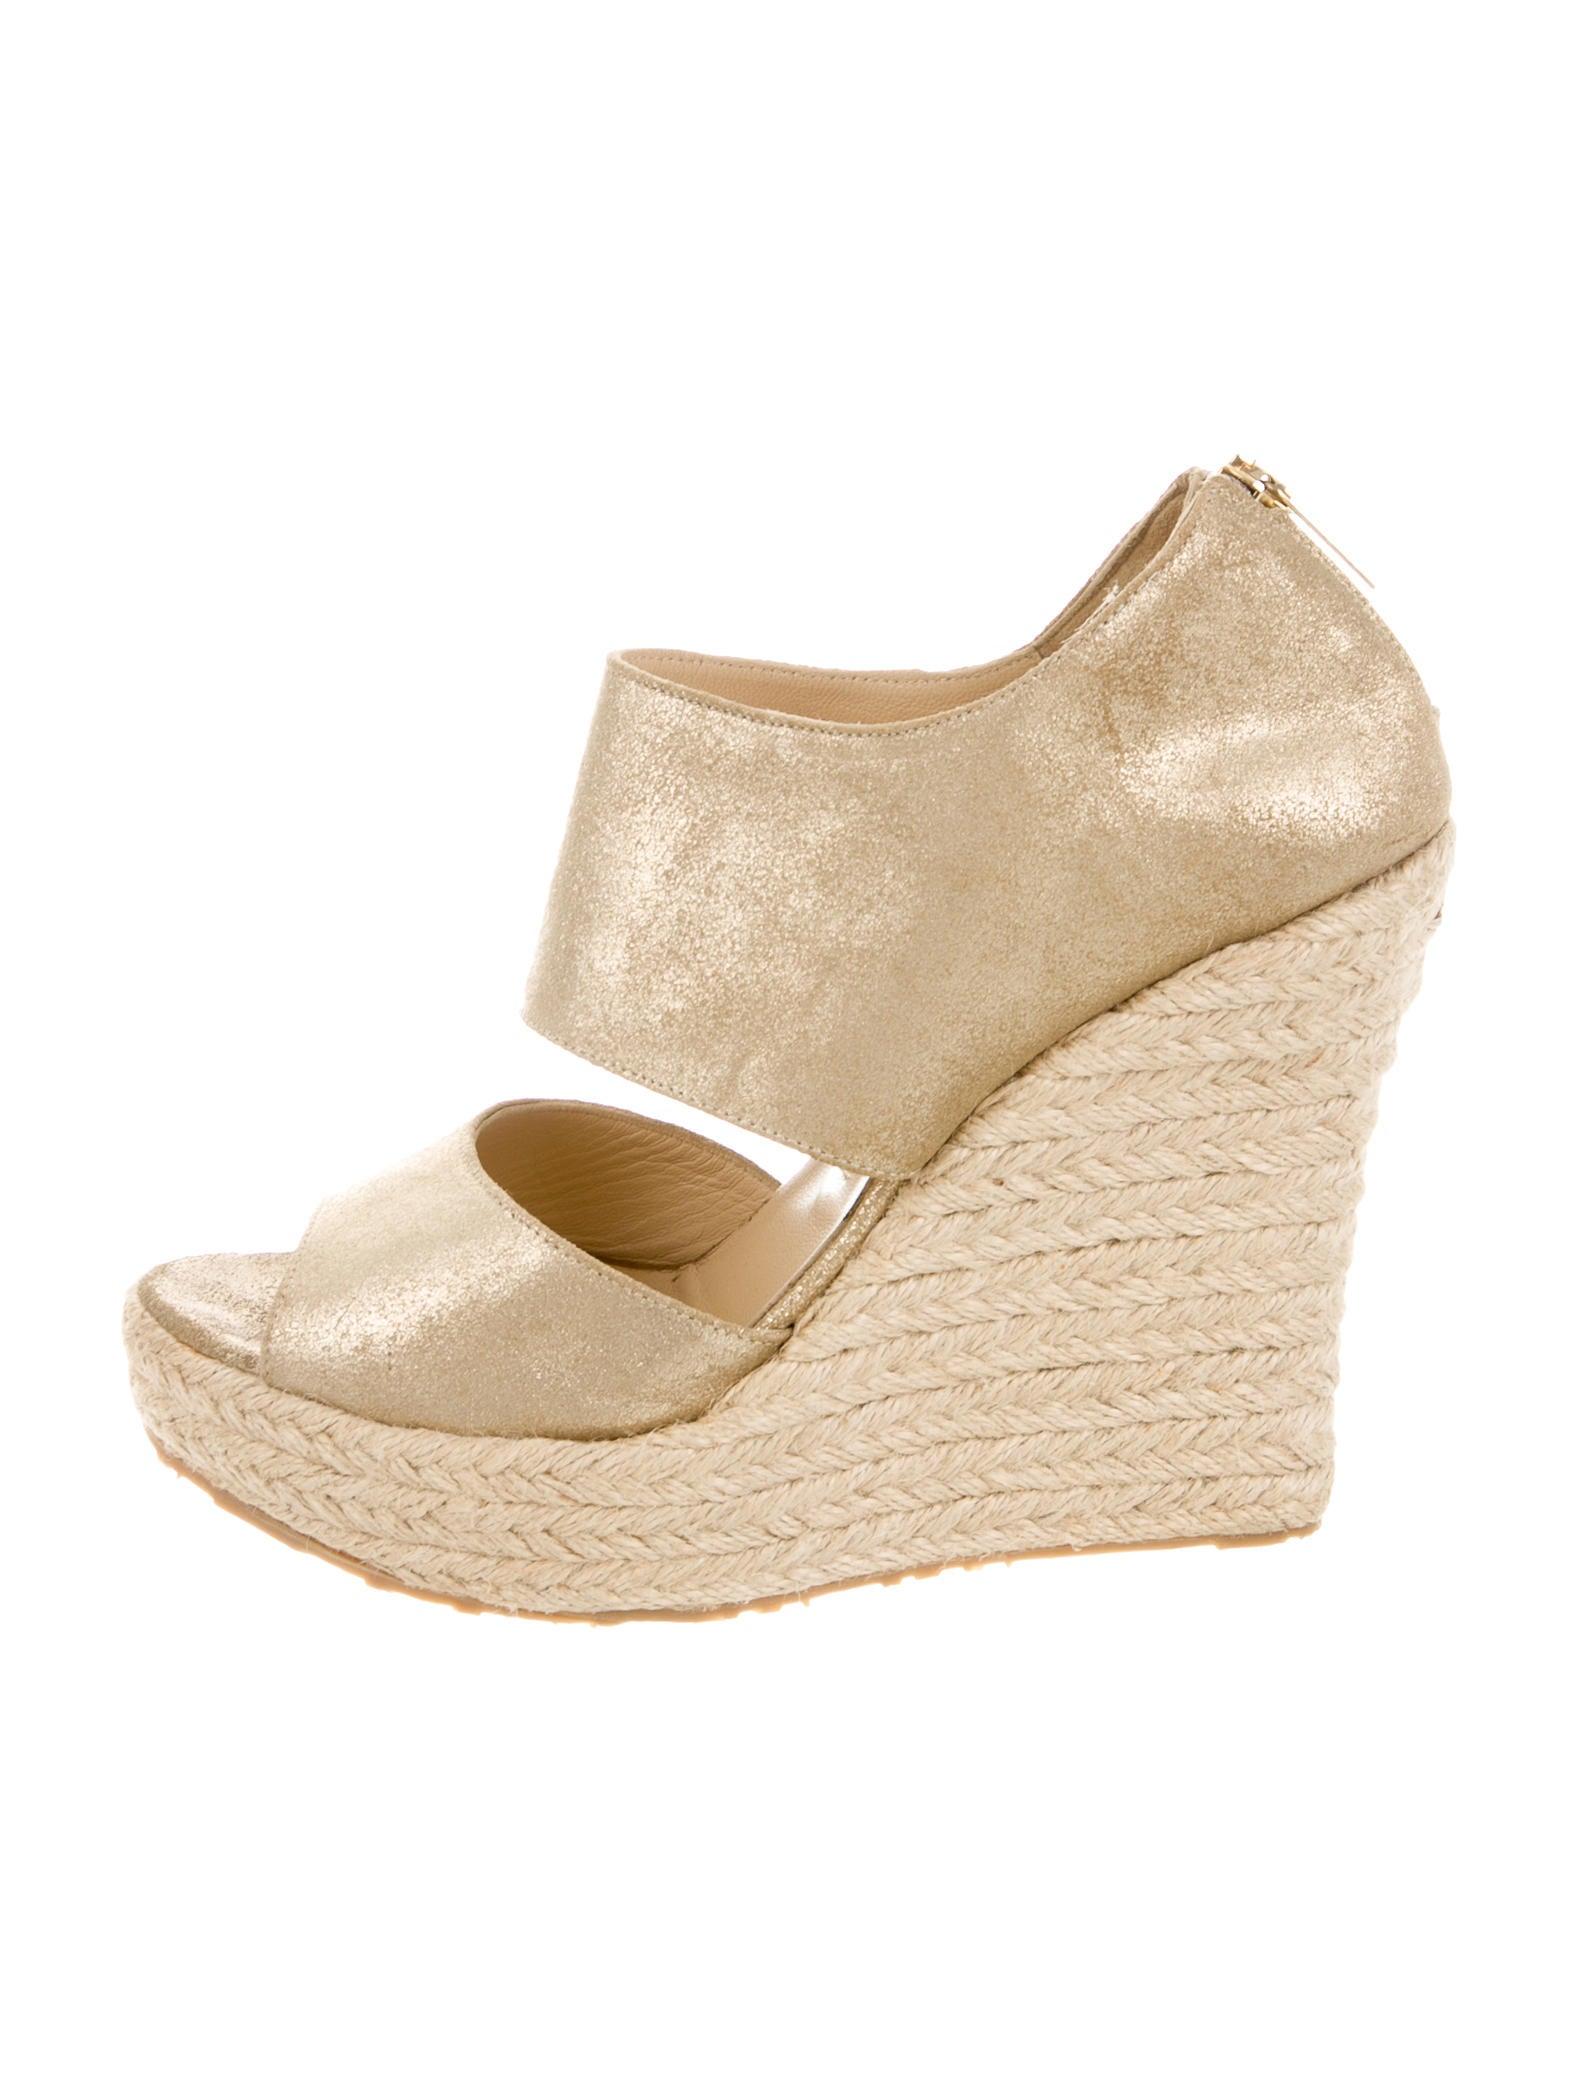 jimmy choo metallic wedge sandals shoes jim49624 the